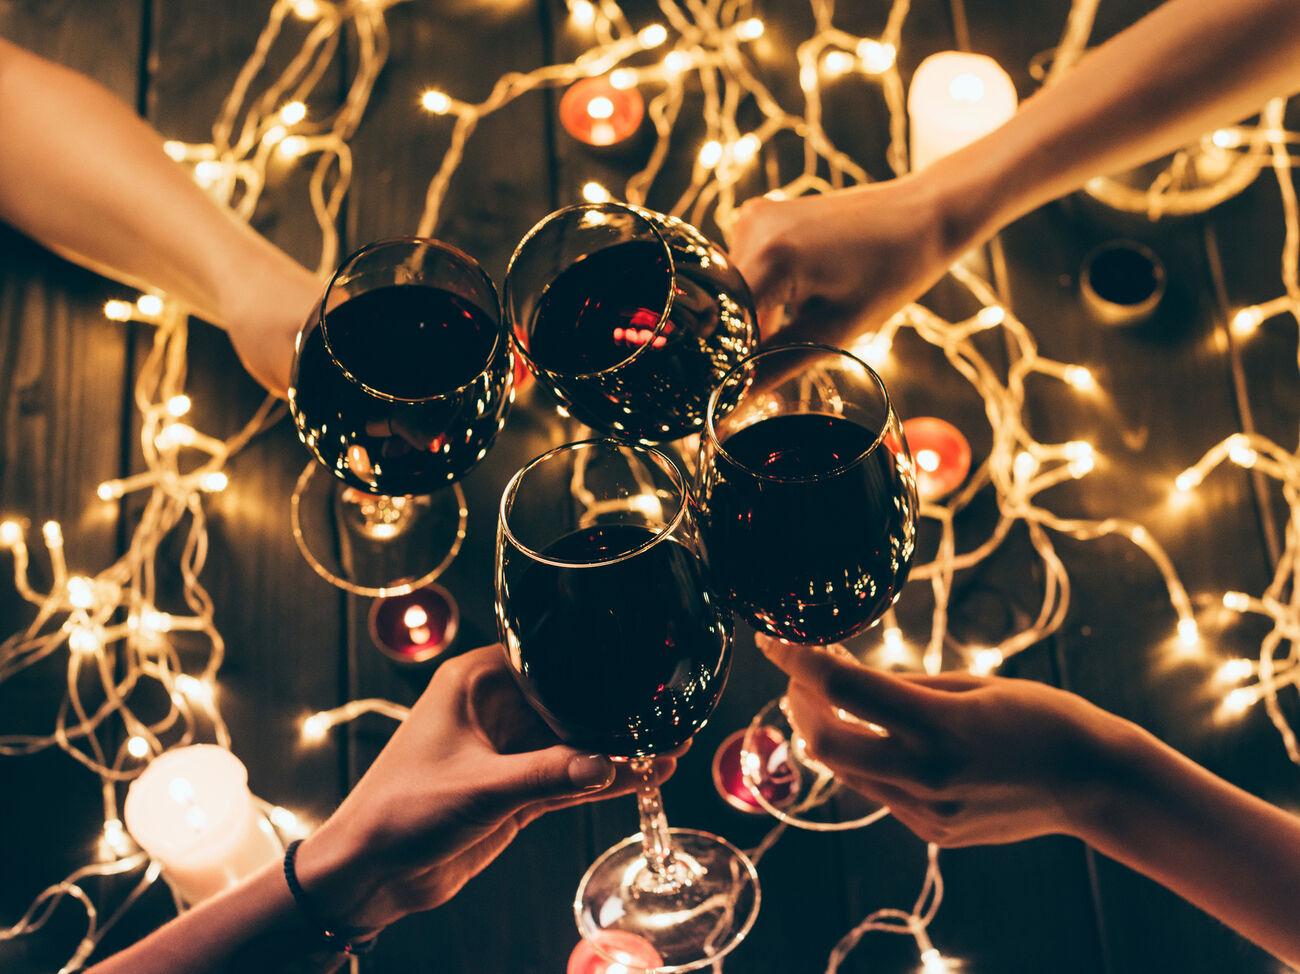 Треть украинцев заявили, что вообще не употребляют алкоголь – опрос